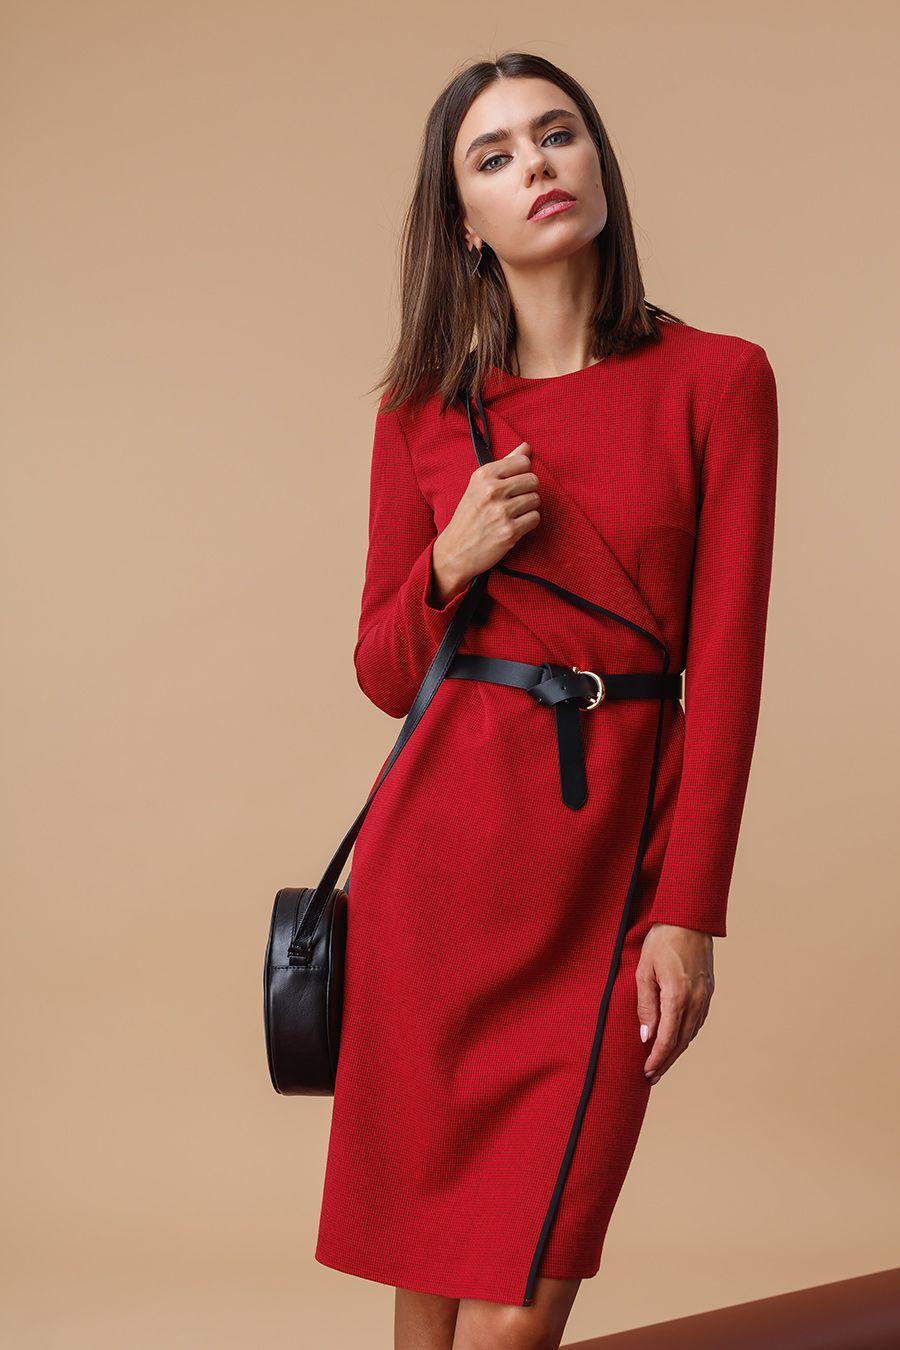 967f5e656f4 Дополни платье лодочками и сумкой чёрного цвета для создания образа в  деловом стиле. Если тебе